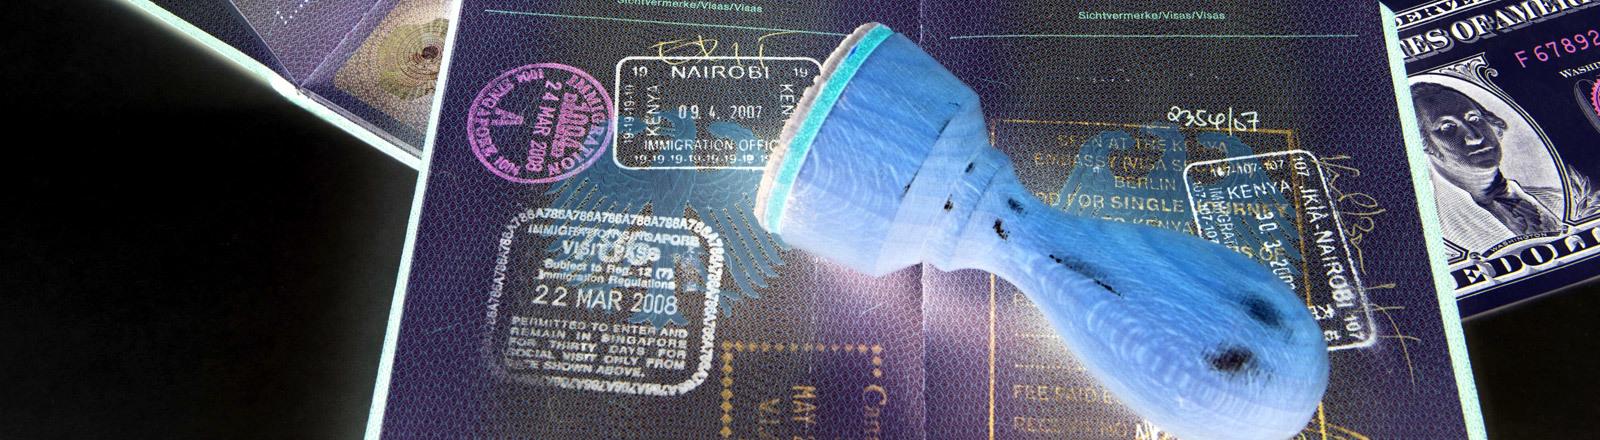 Ein Stempel auf einem Reisepass